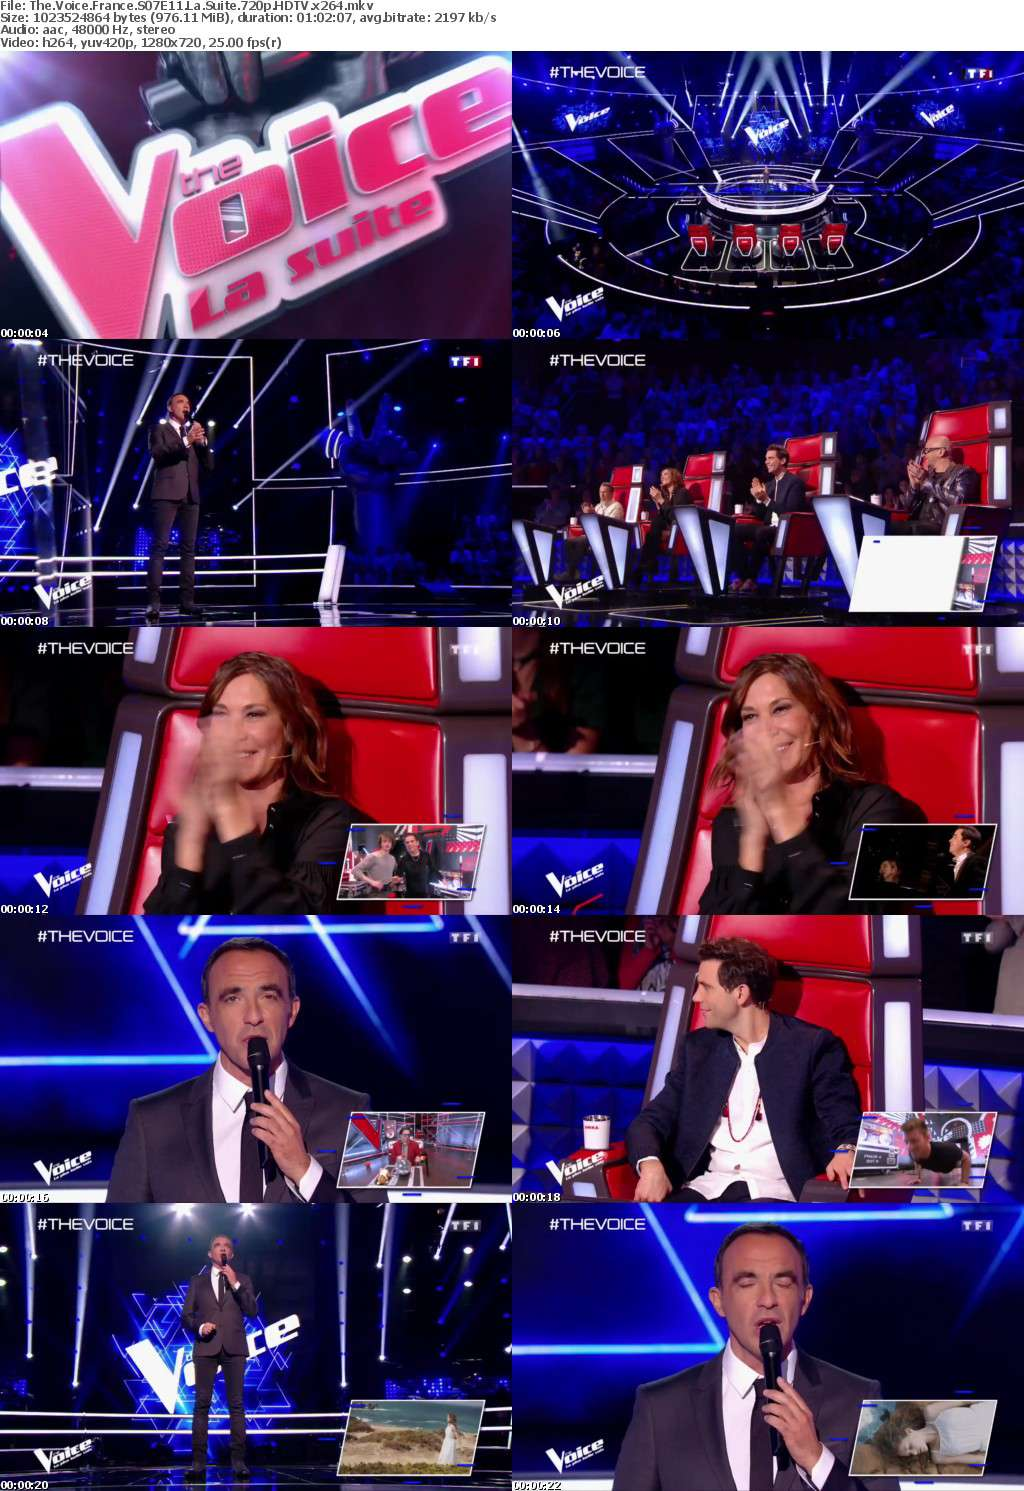 The Voice France S07E11 La Suite 720p HDTV x264